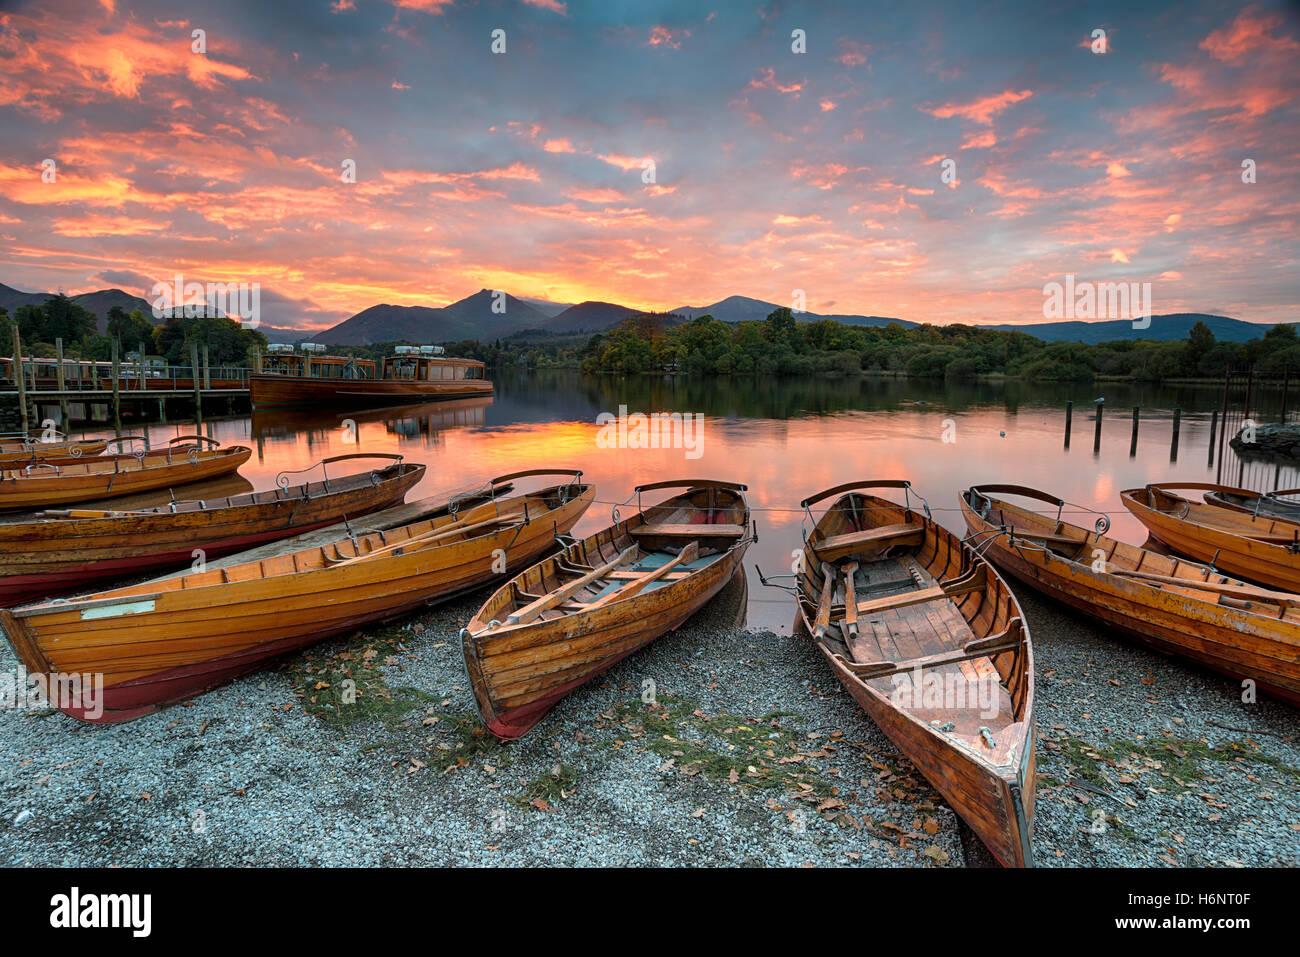 Magnifique coucher de soleil sur les barques en bois sur Derwentwater à Keswick dans le Lake District en Cumbrie Photo Stock